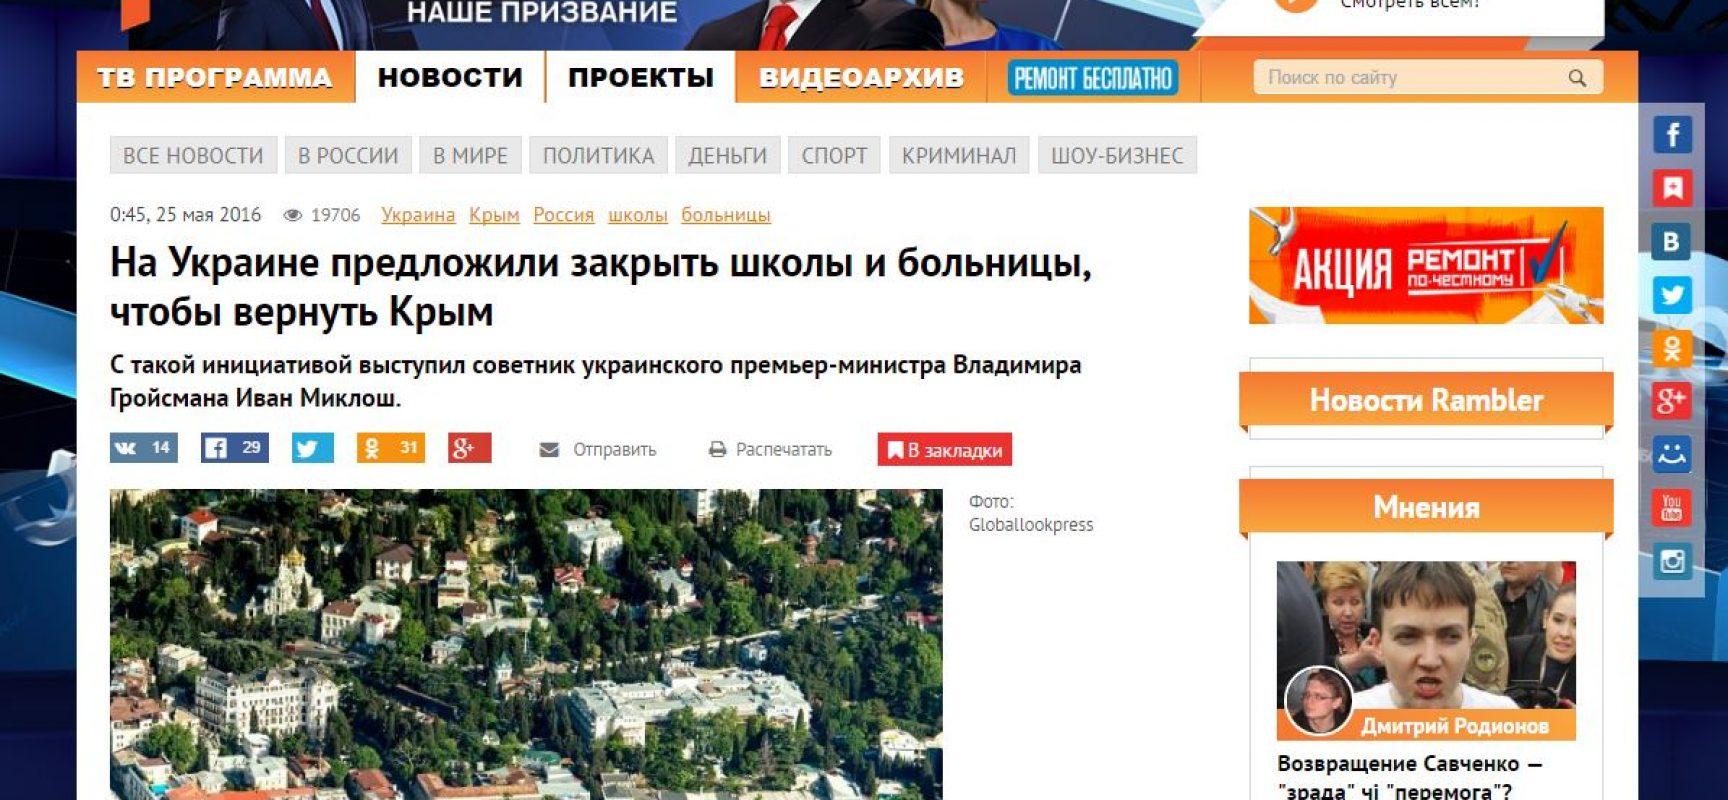 Fake: All'Ucraina proposta la chiusura di scuole e ospedali per la restituzione della Crimea